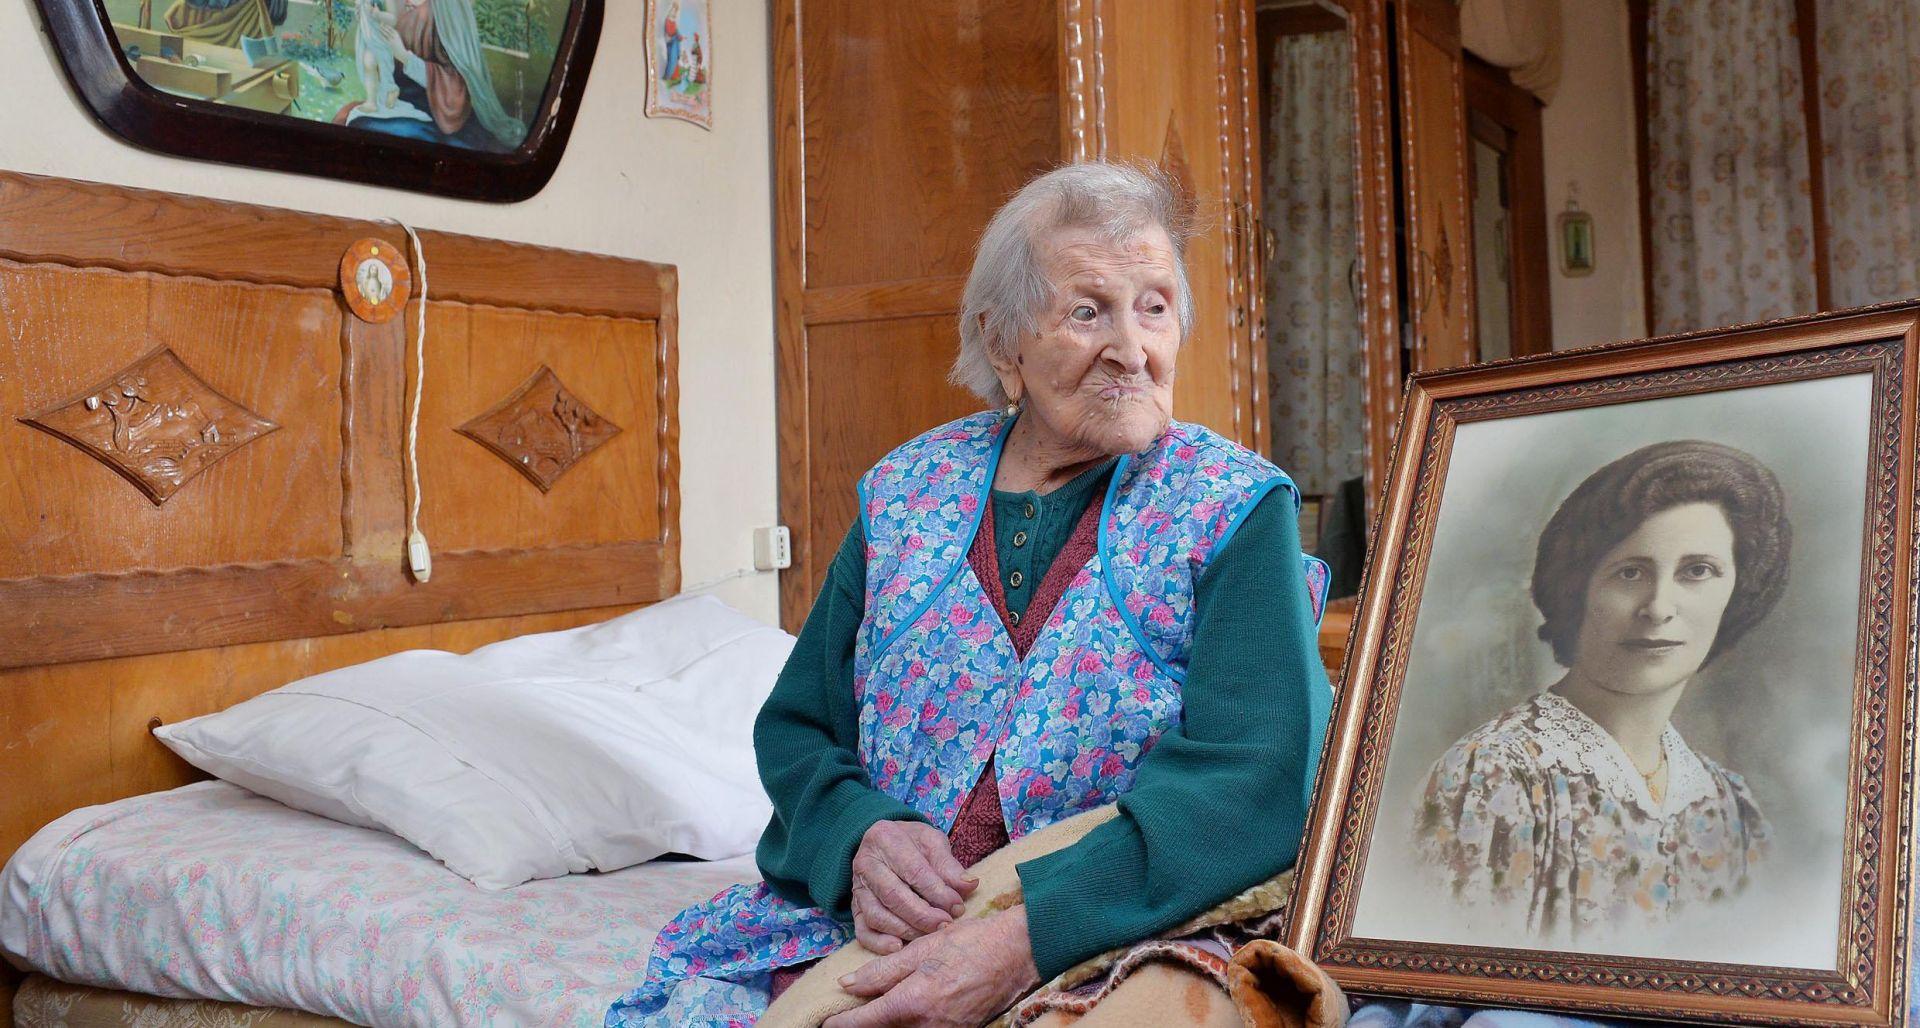 U dobi od 117 godina umrla Emma Morano, najstarija osoba na svijetu